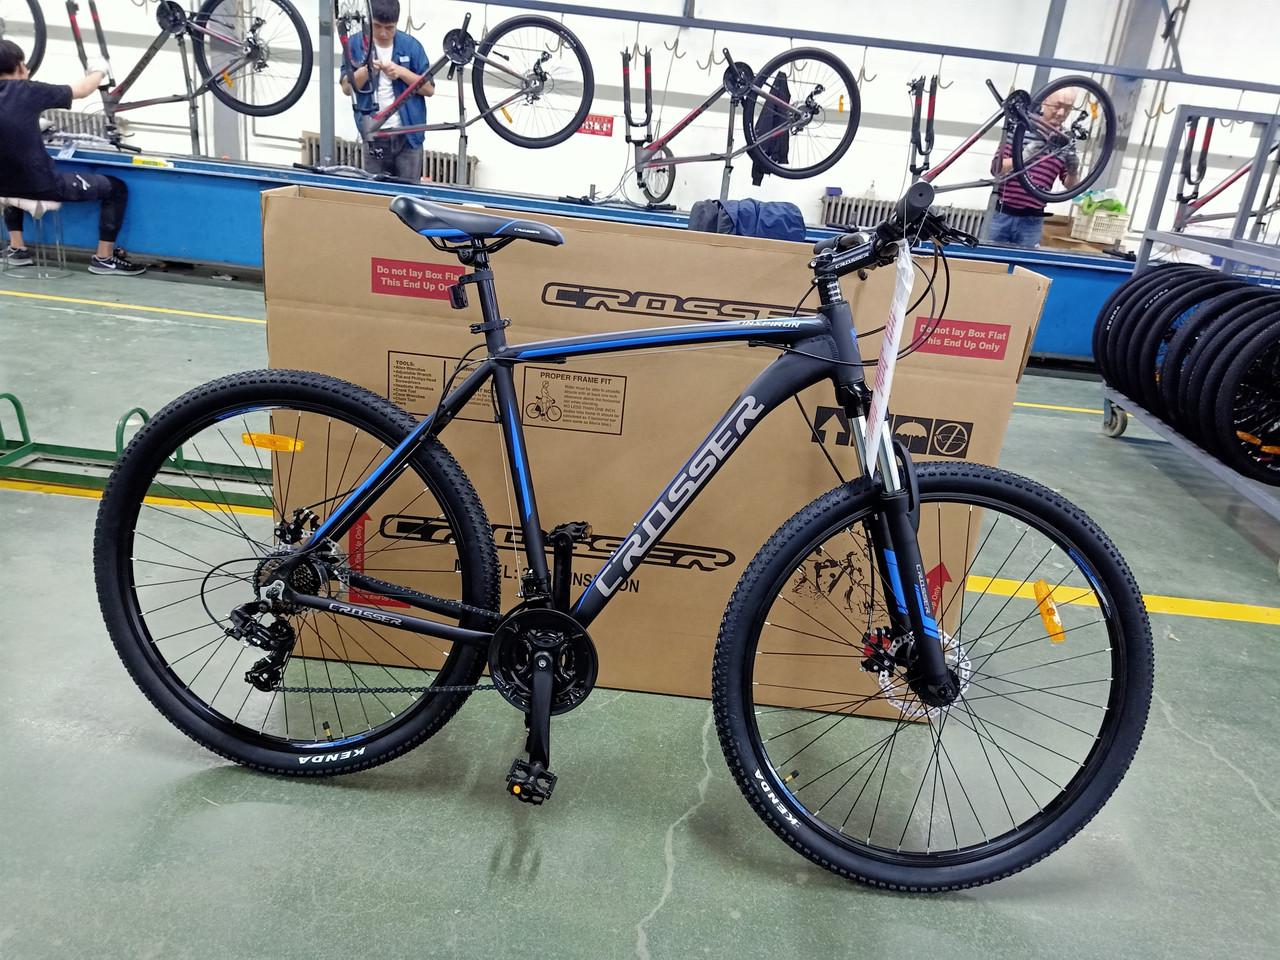 Велосипед CROSSER 29  Inspirion 22 2020 года Черный\Синий цвет